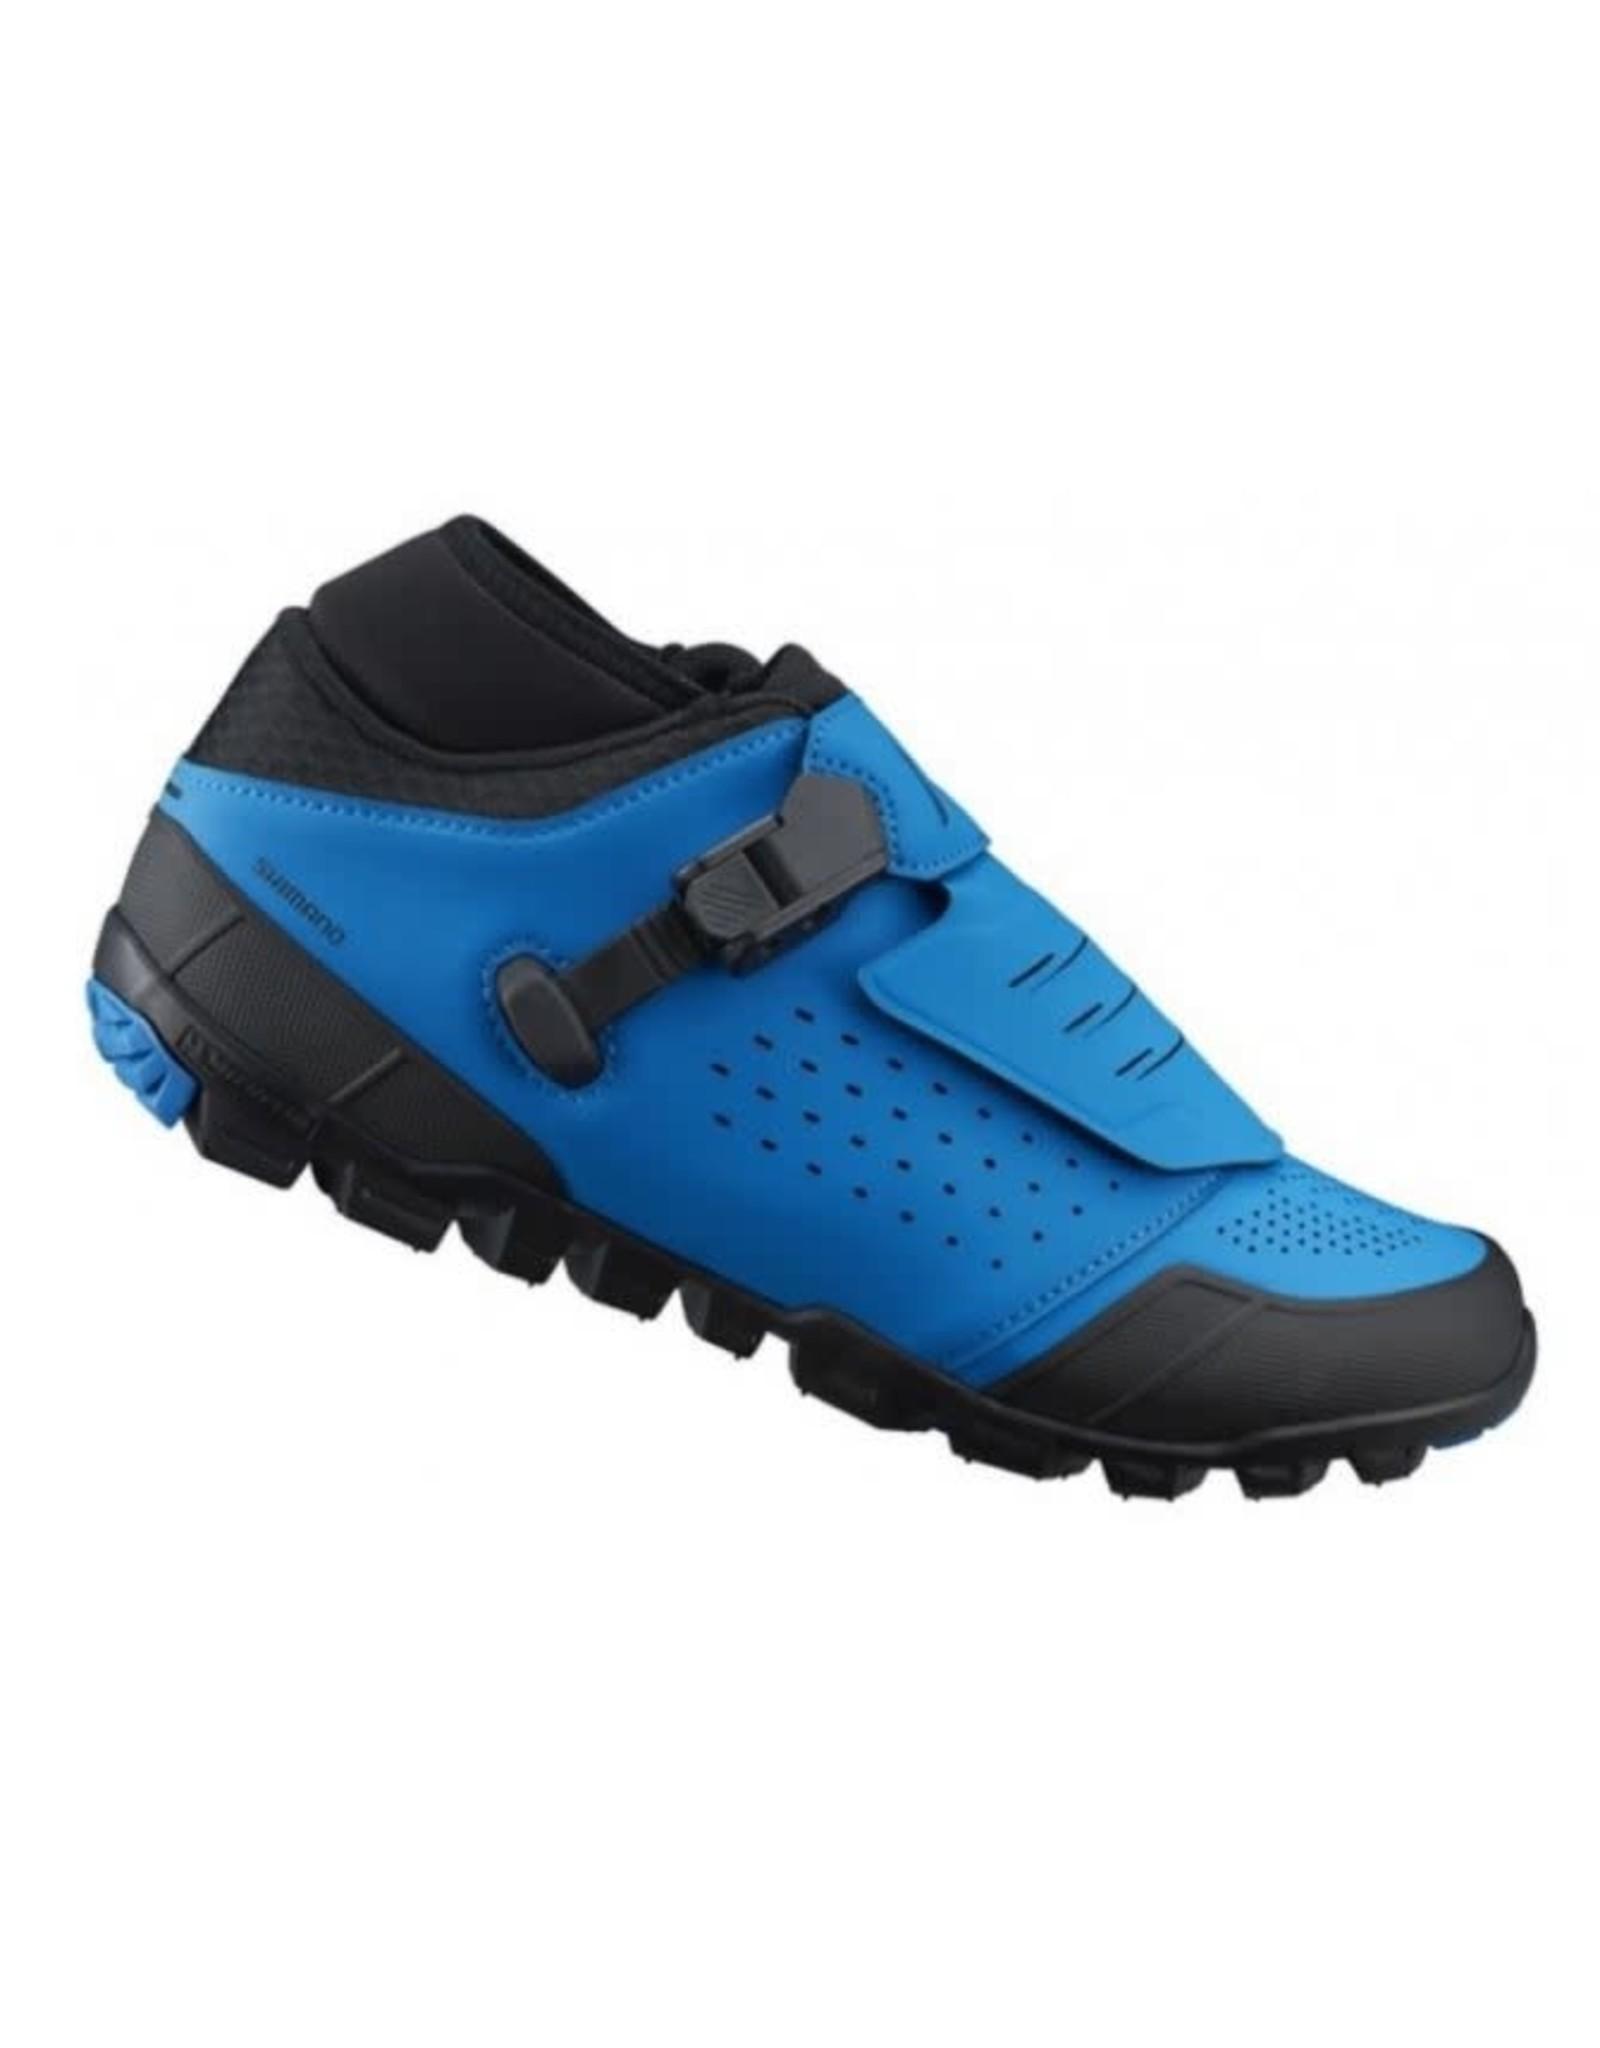 Shimano Shimano ME7 shoes